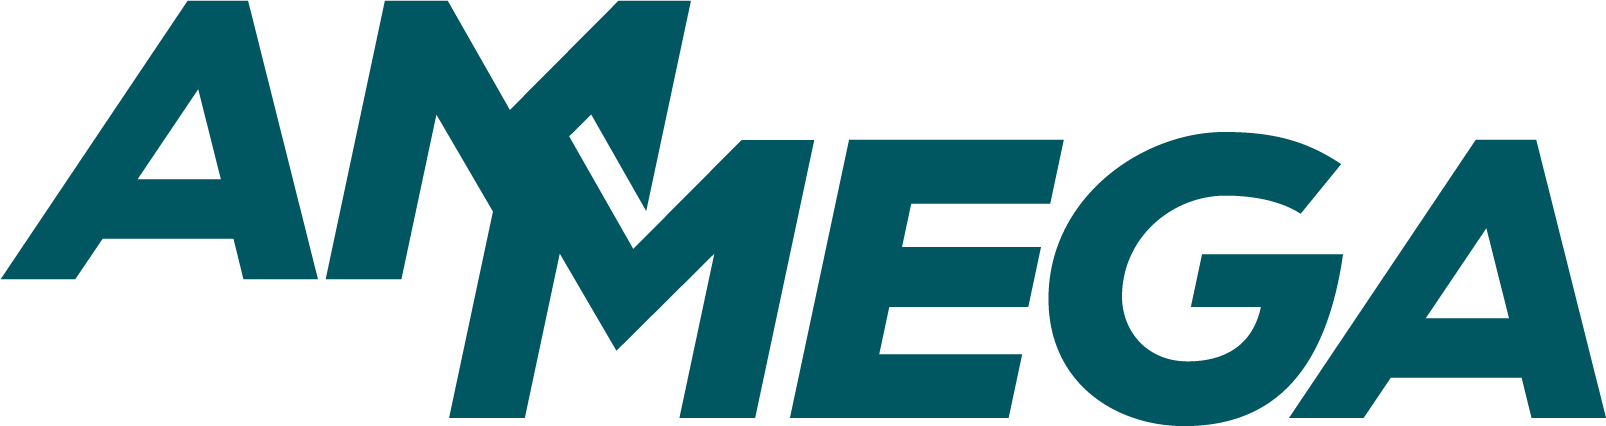 Ammega_Logo_RGB_Petrol